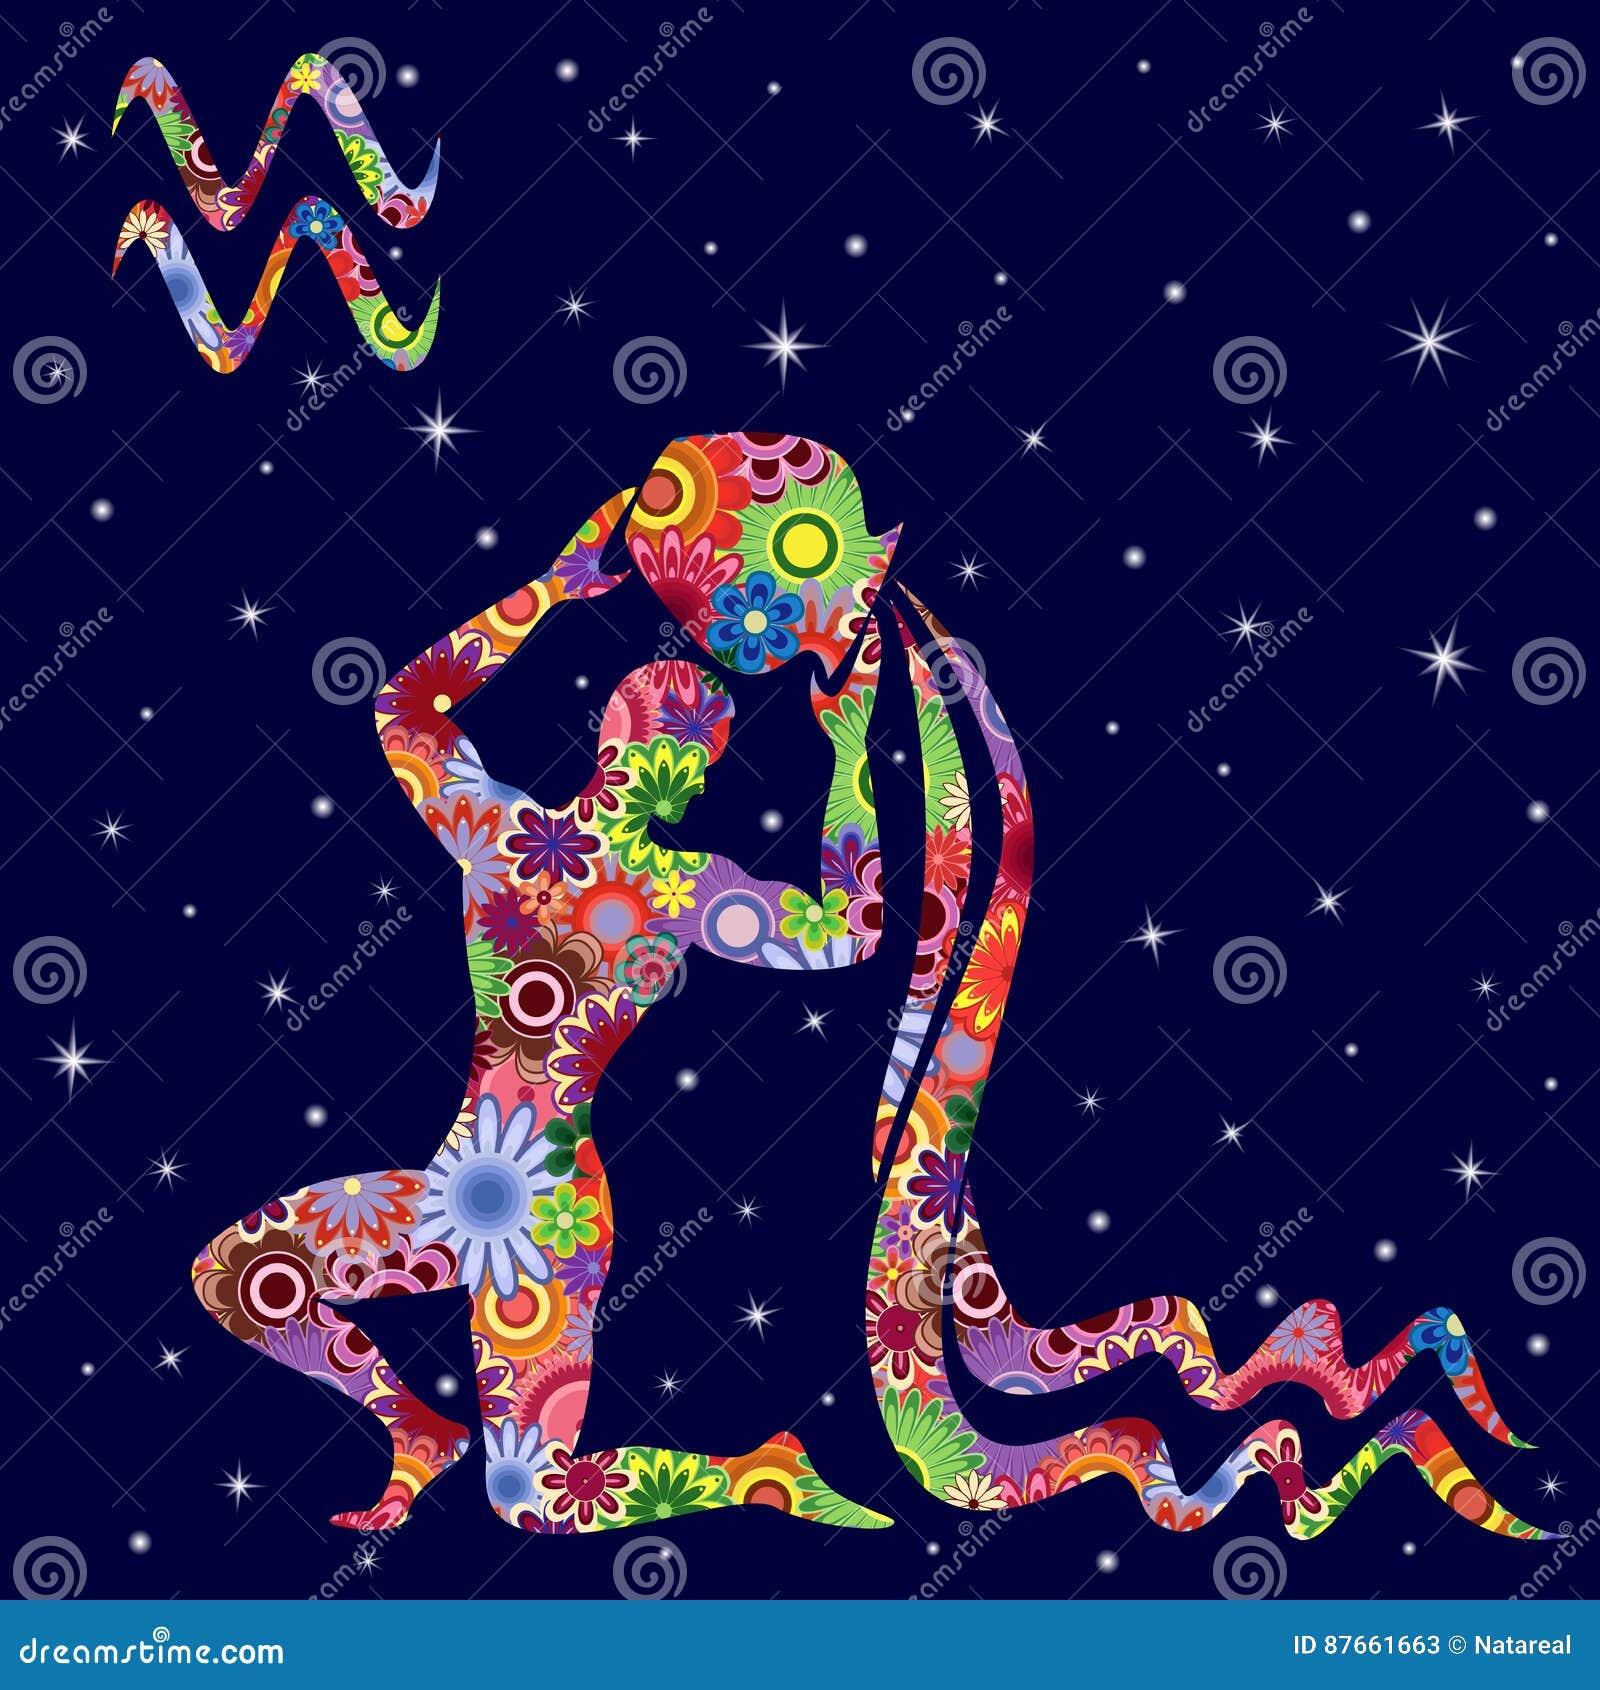 Wassermann Sternzeichen sternzeichen-wassermann mit blumen füllen über sternenklaren himmel